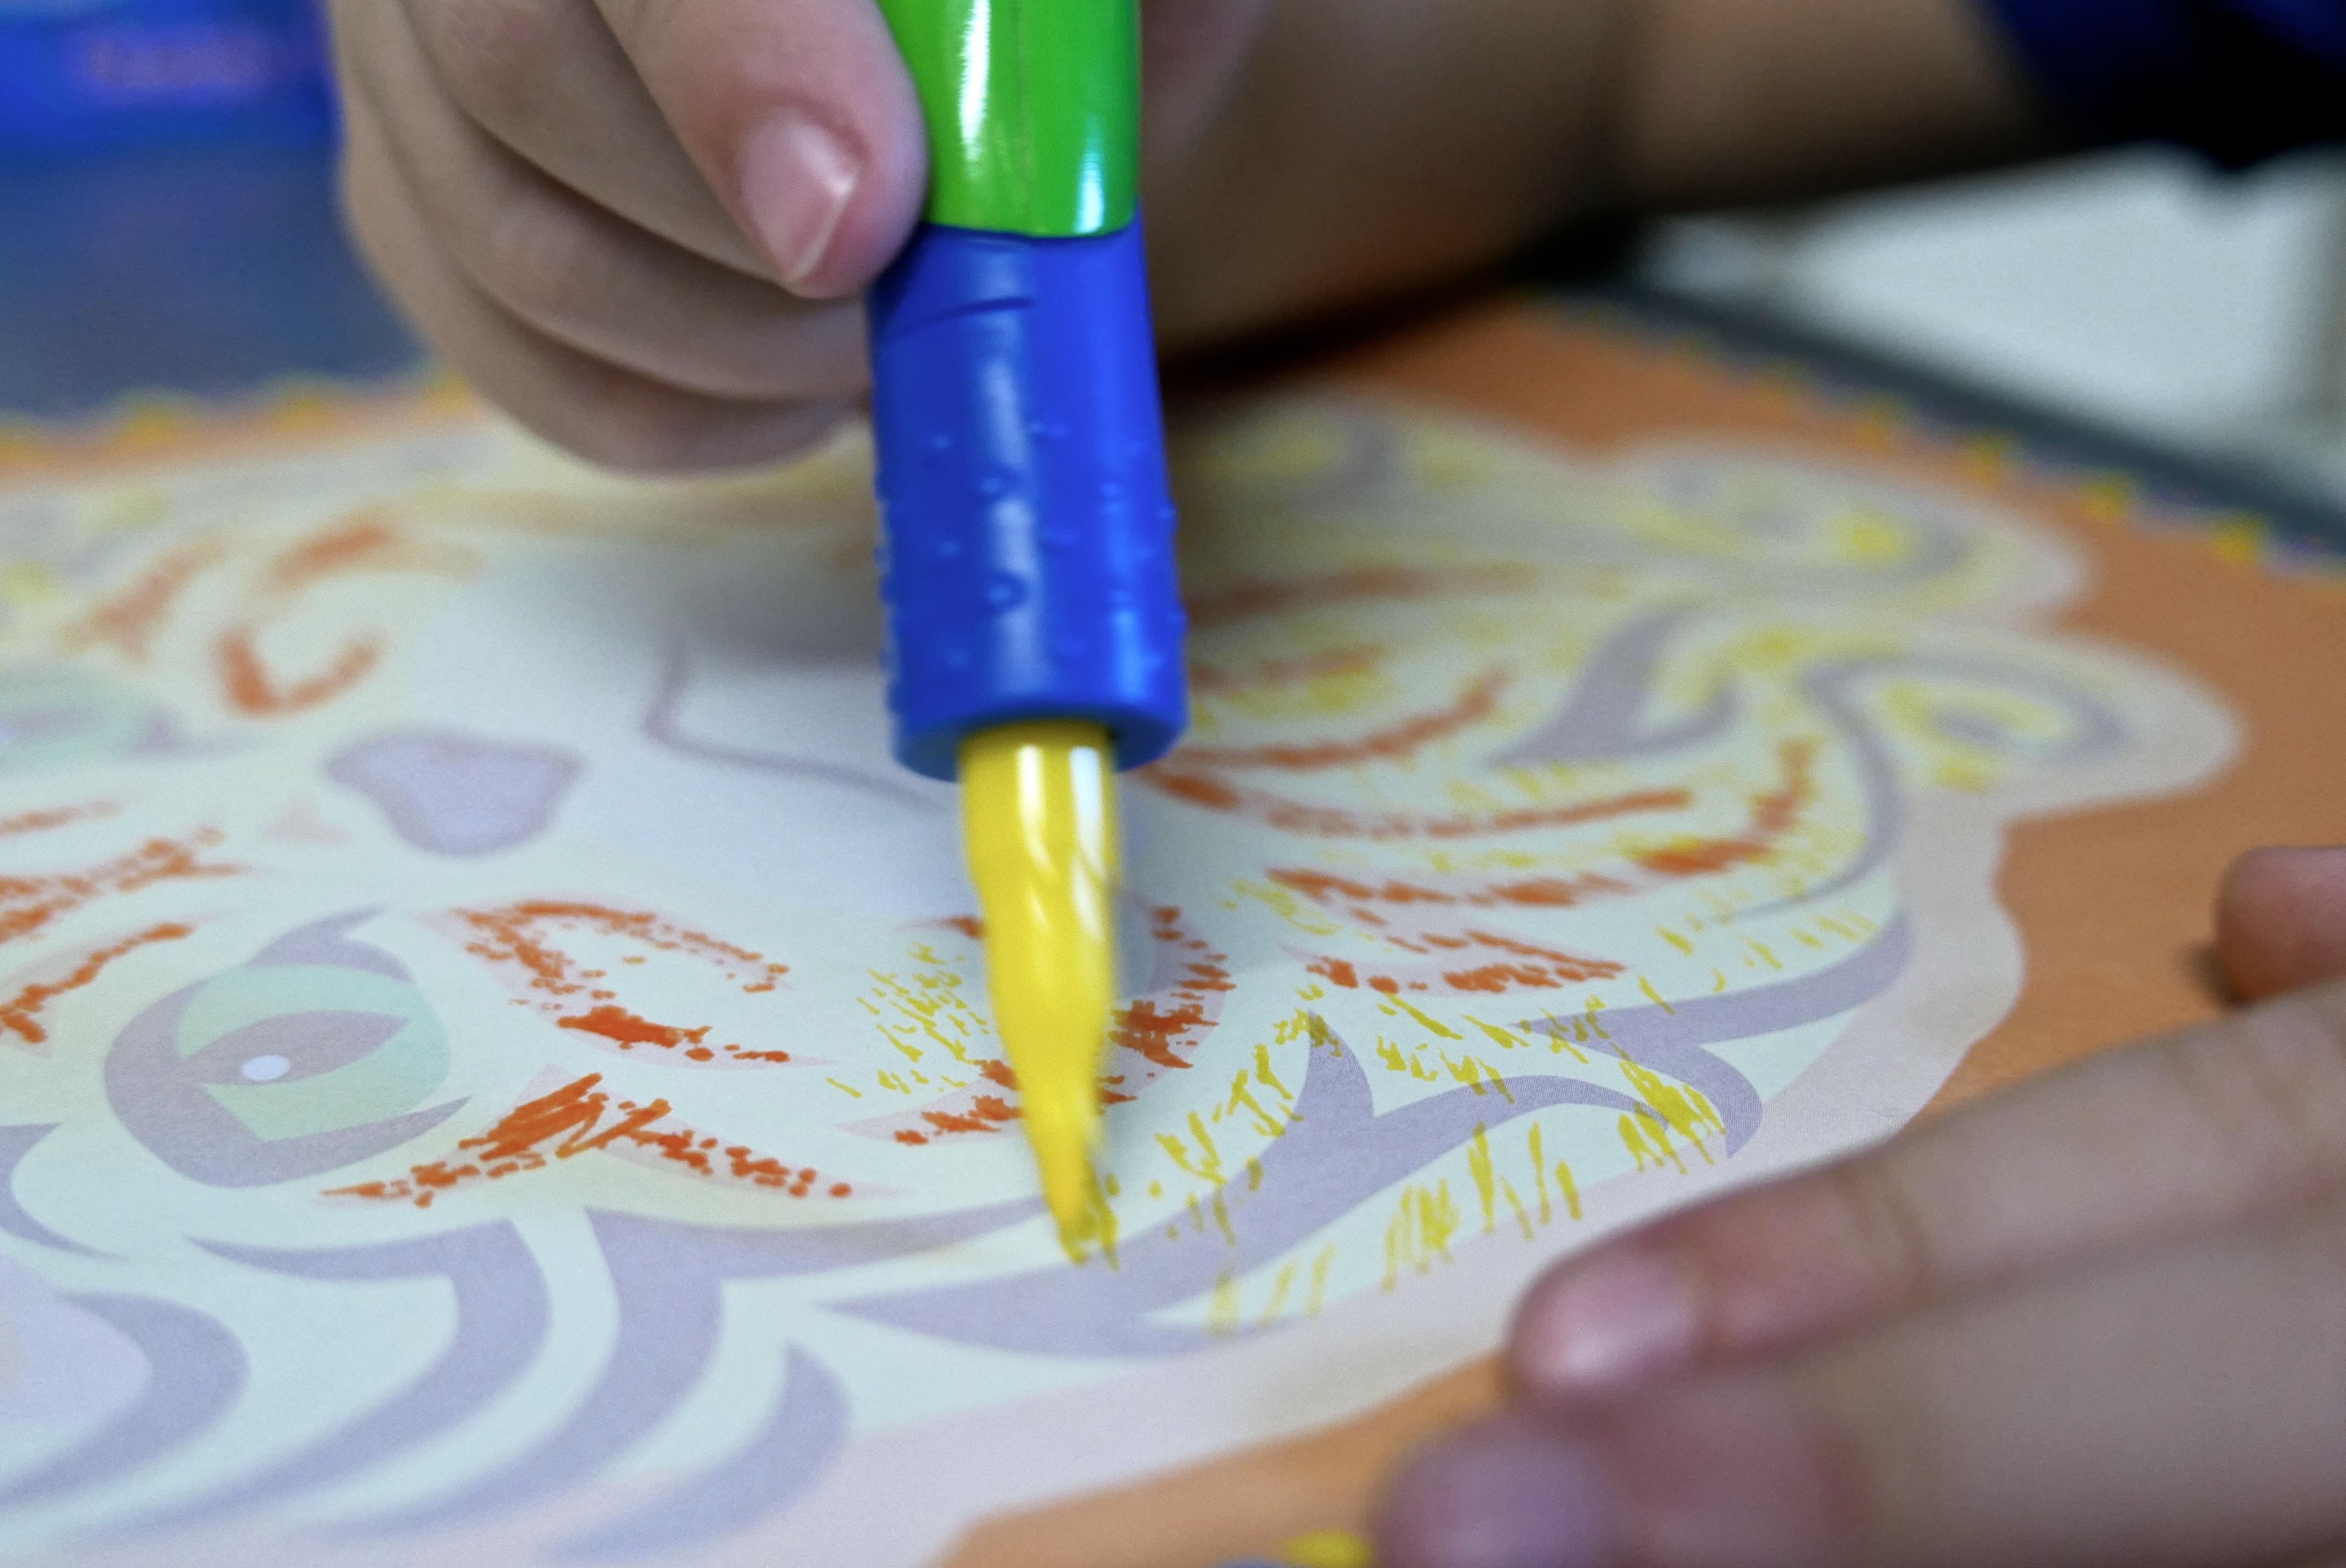 Activités enfant coloriage pochoirs spirograph test pixelo lansay blog maman motricité fine